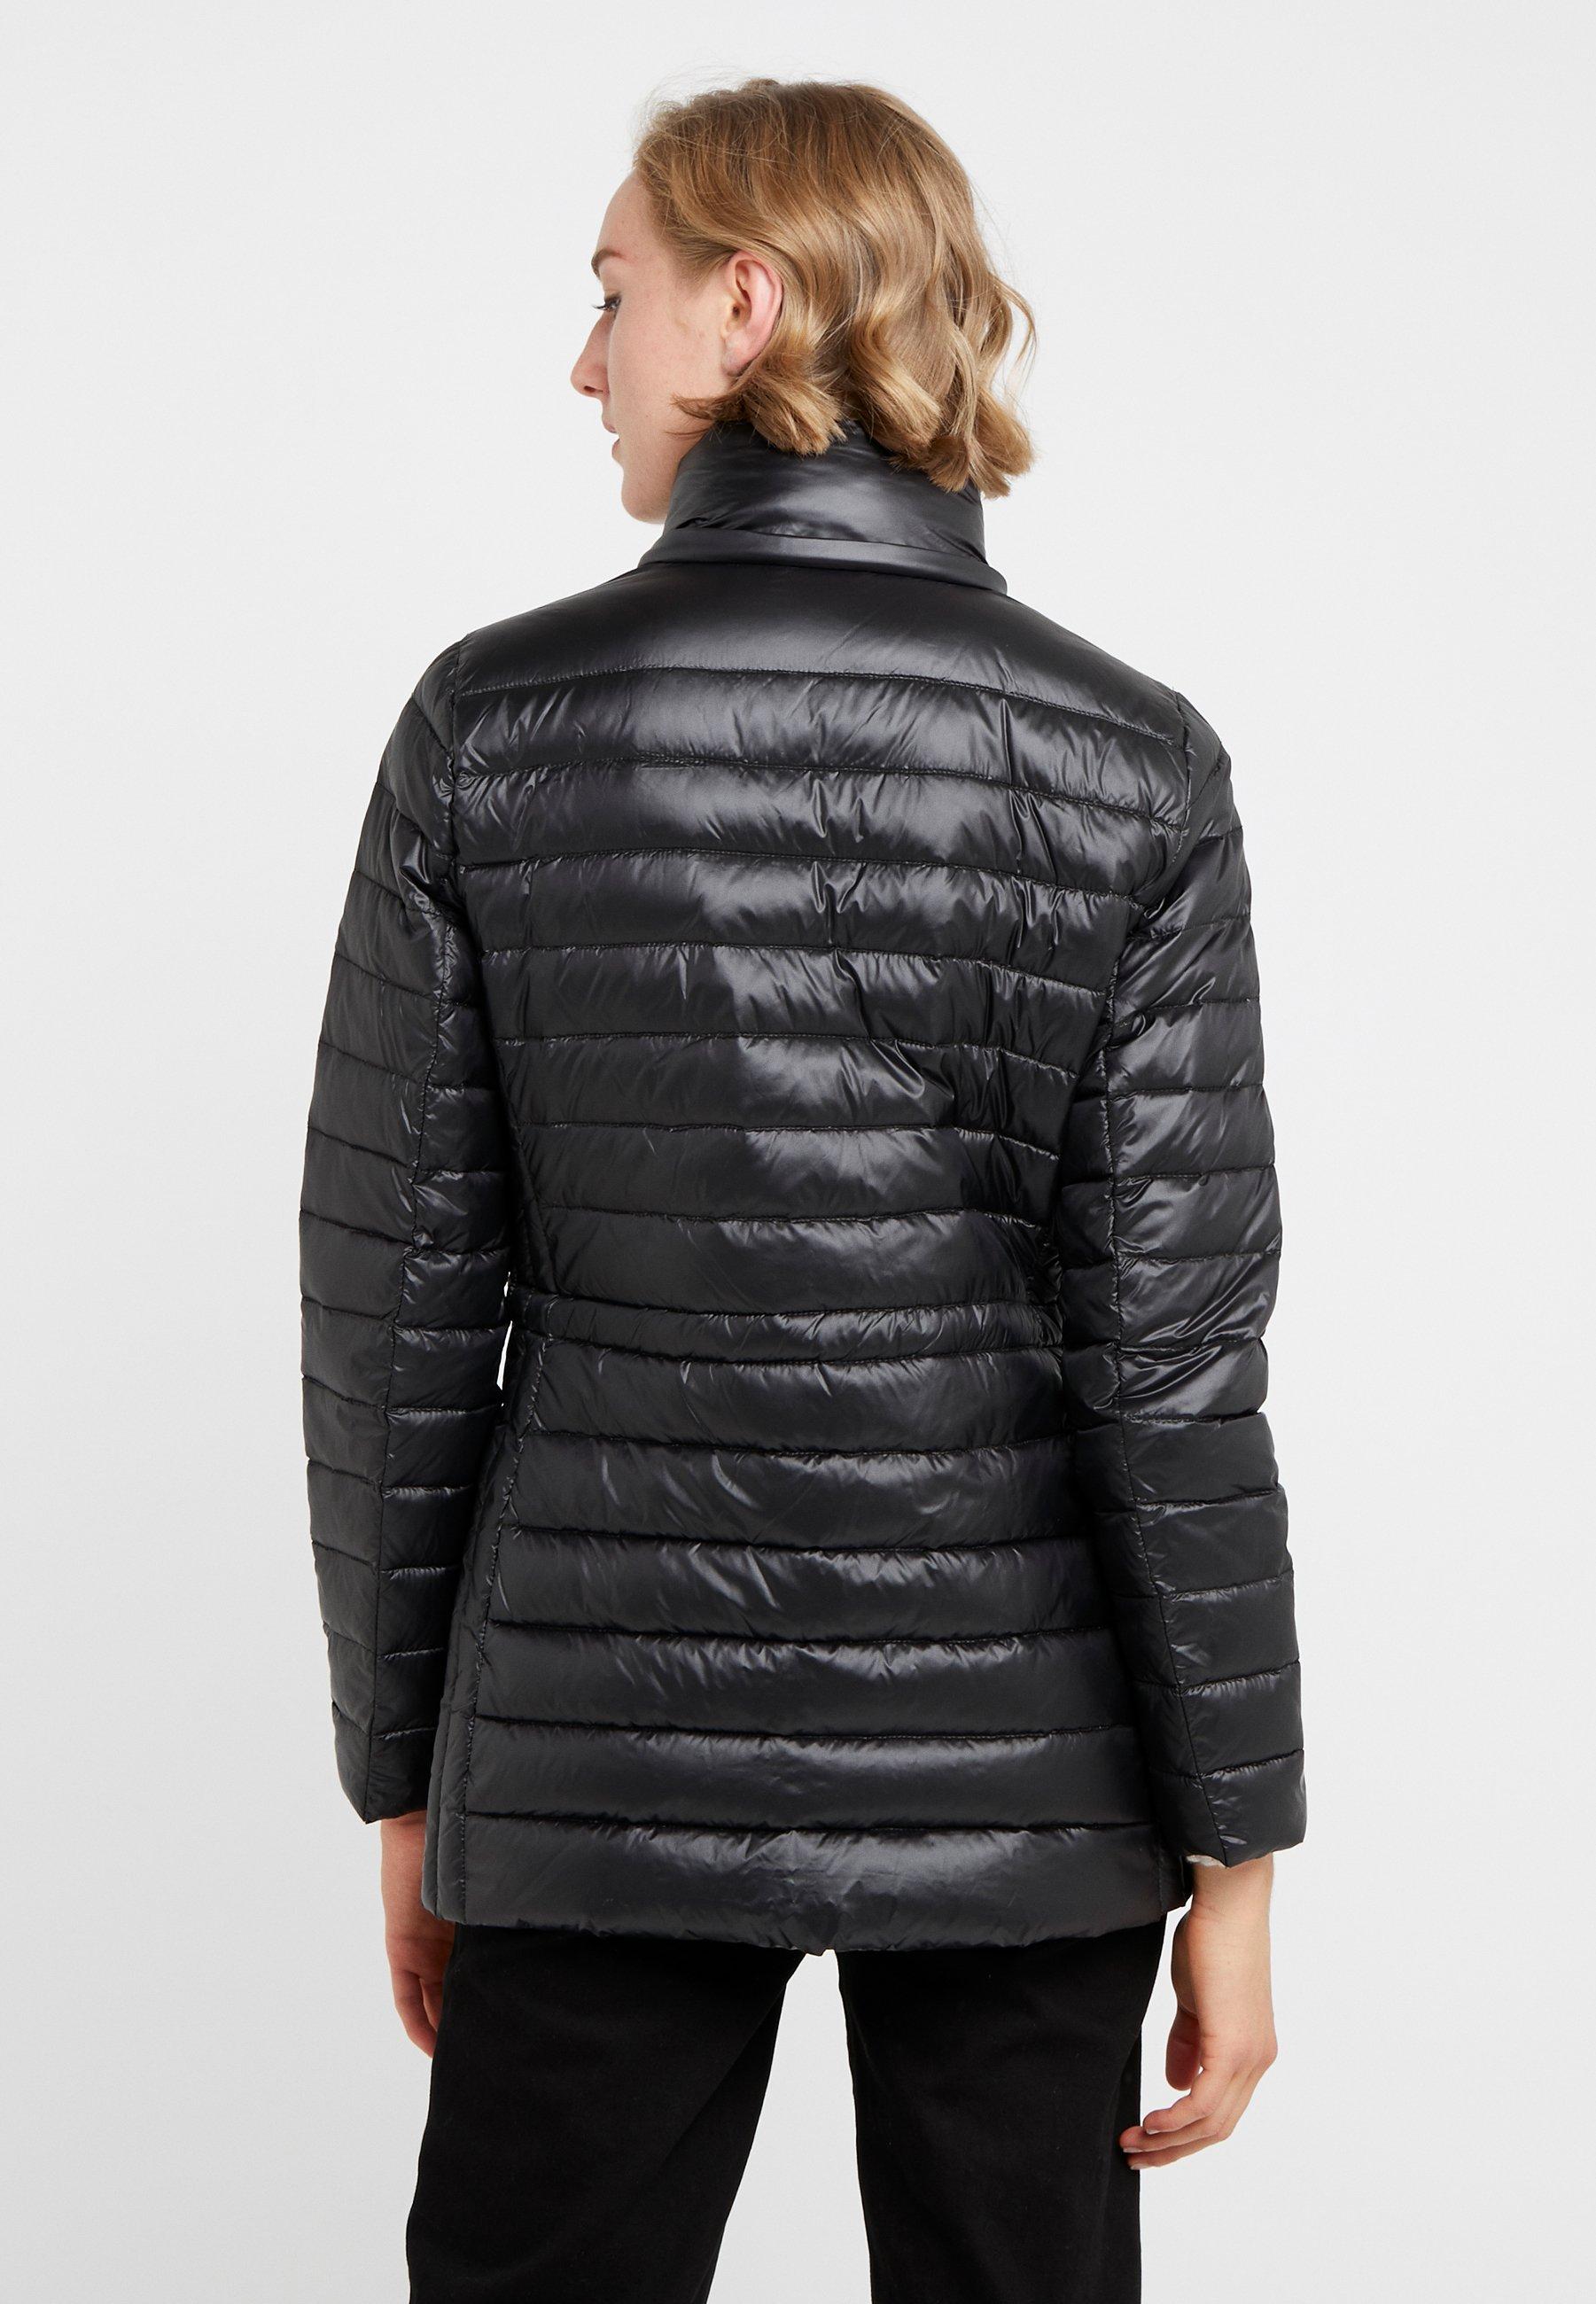 Kors Fashion Fashion Michael Kors PackablePiumino Black Michael Fashion PackablePiumino Michael Black Kors PackablePiumino xrCBeQdoWE